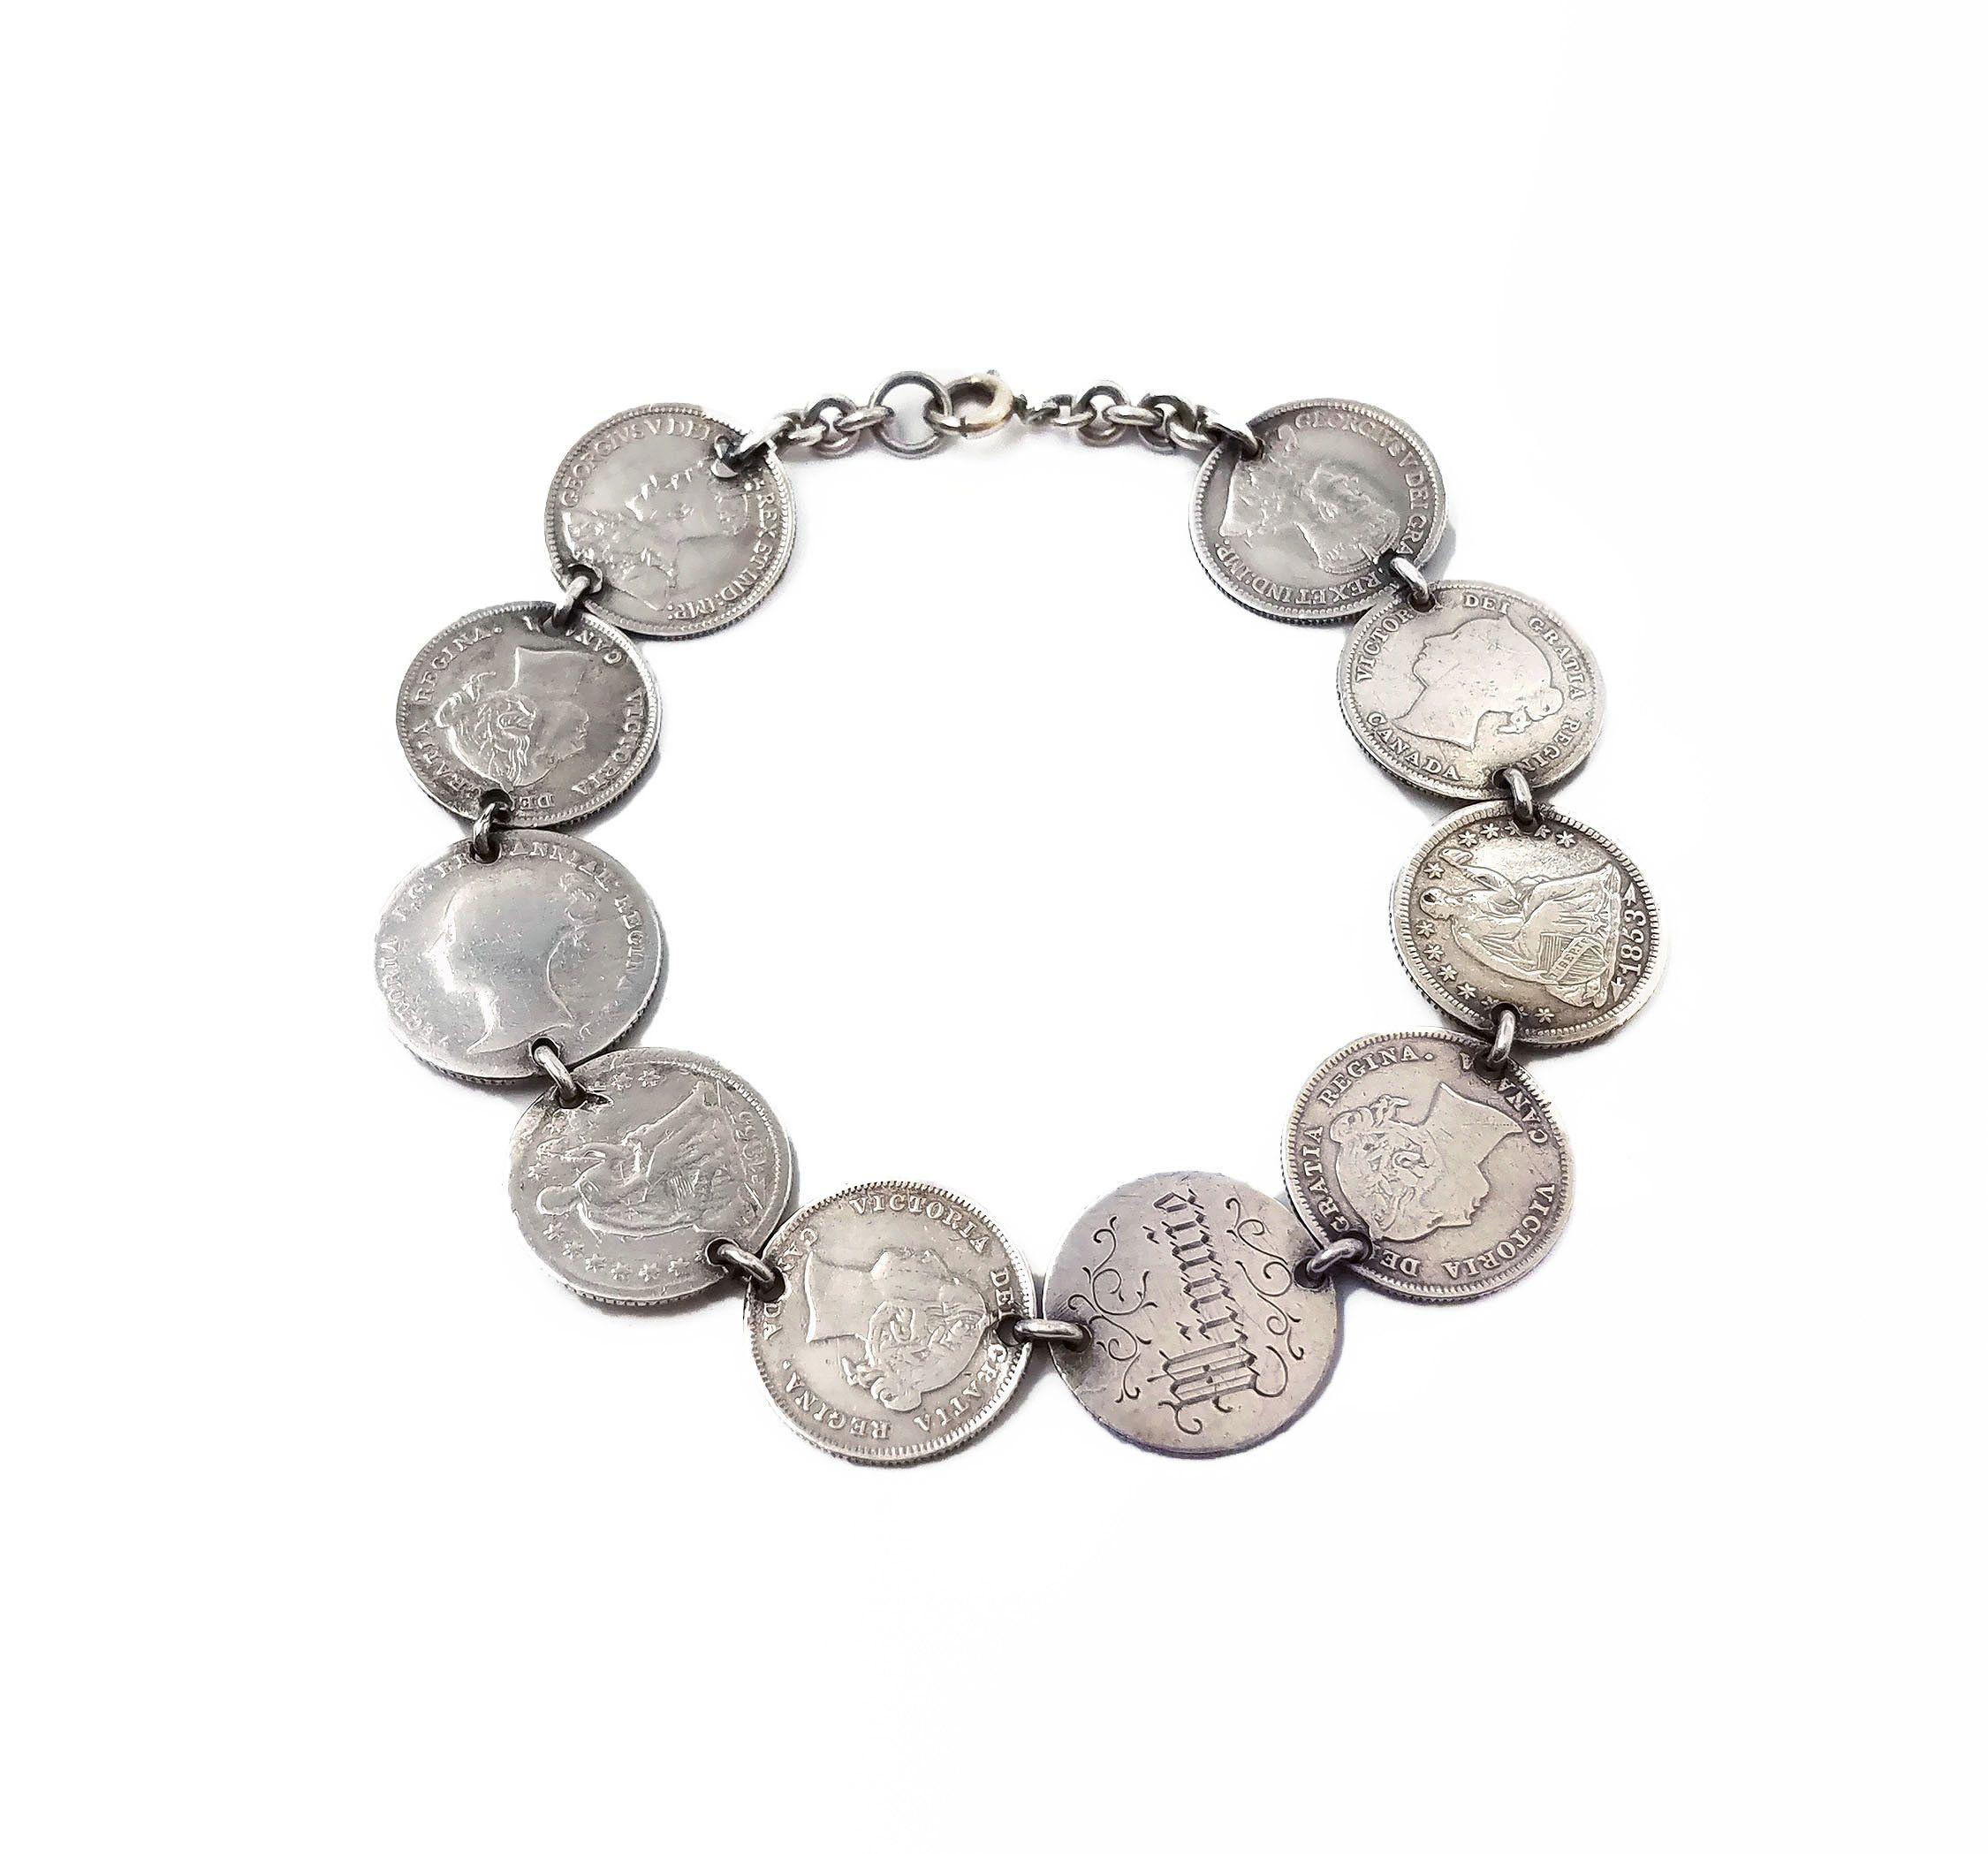 Silver Tone Simple Clear Rhinestone Anchor Fashion Brooch Bangle Wrist Band